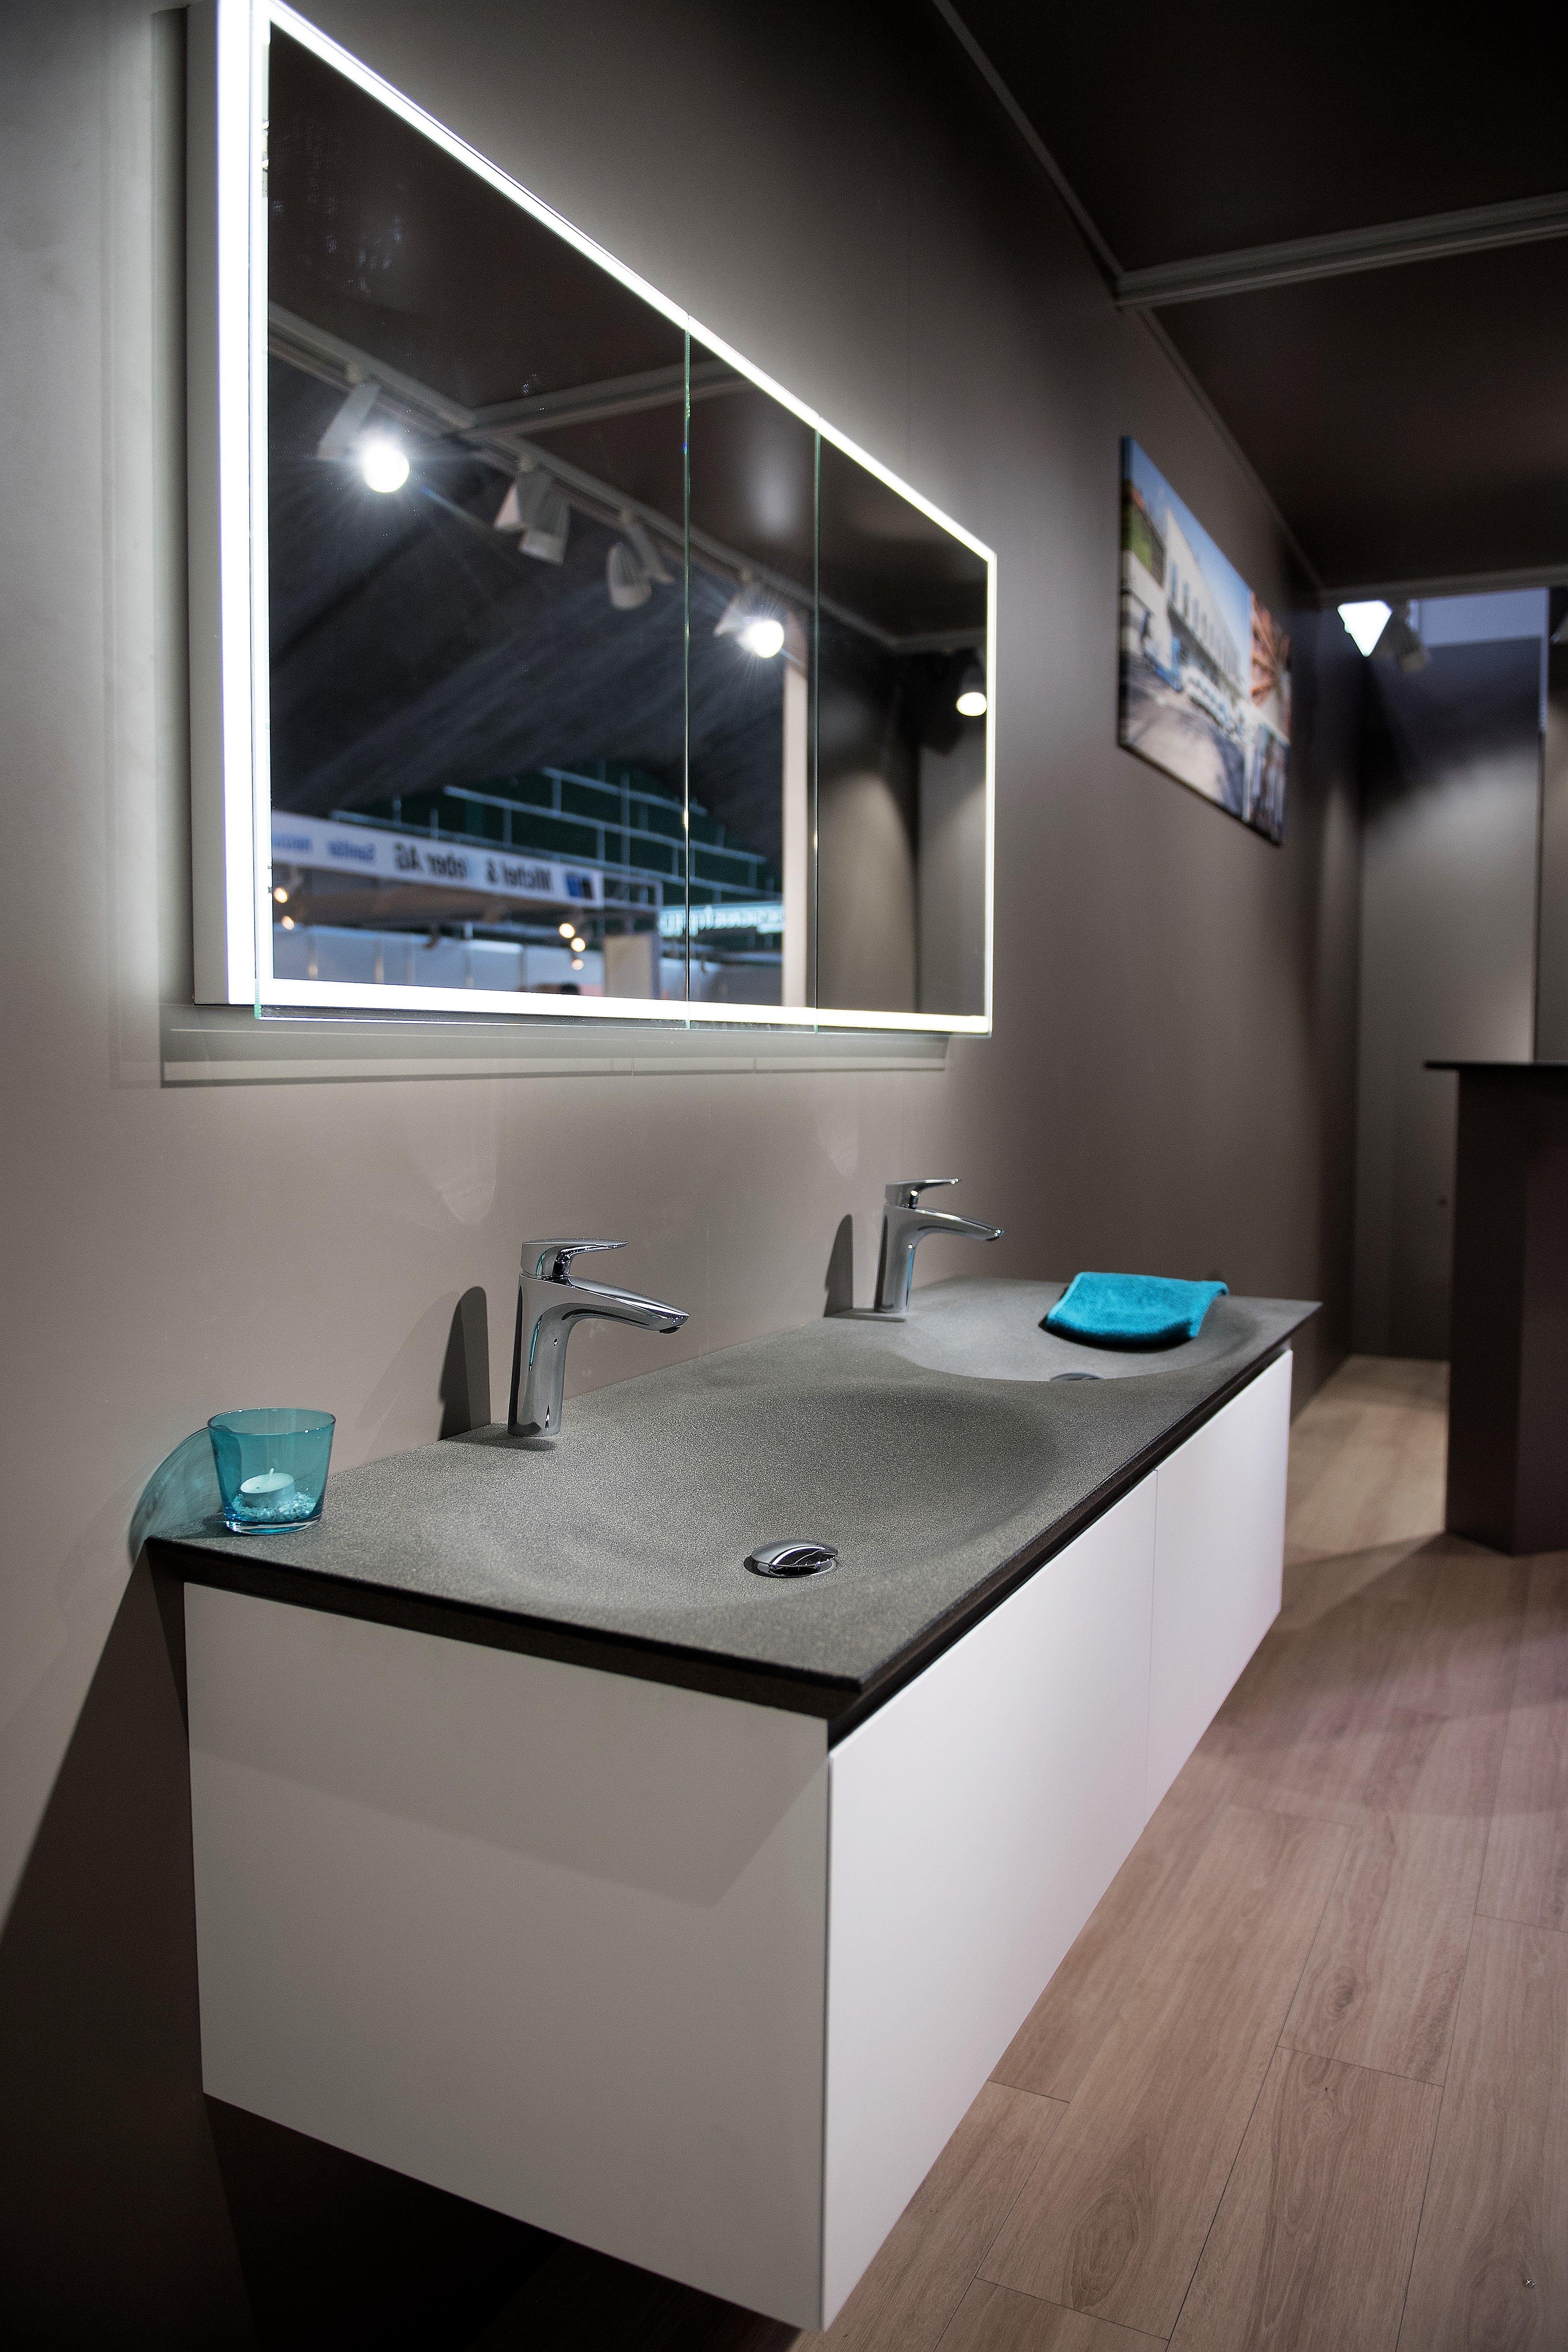 Doppelwaschtisch Aus Granit Massanfertigungen Sind Fur Jedes Badezimmer Moglich Badezimmer Baden Bad